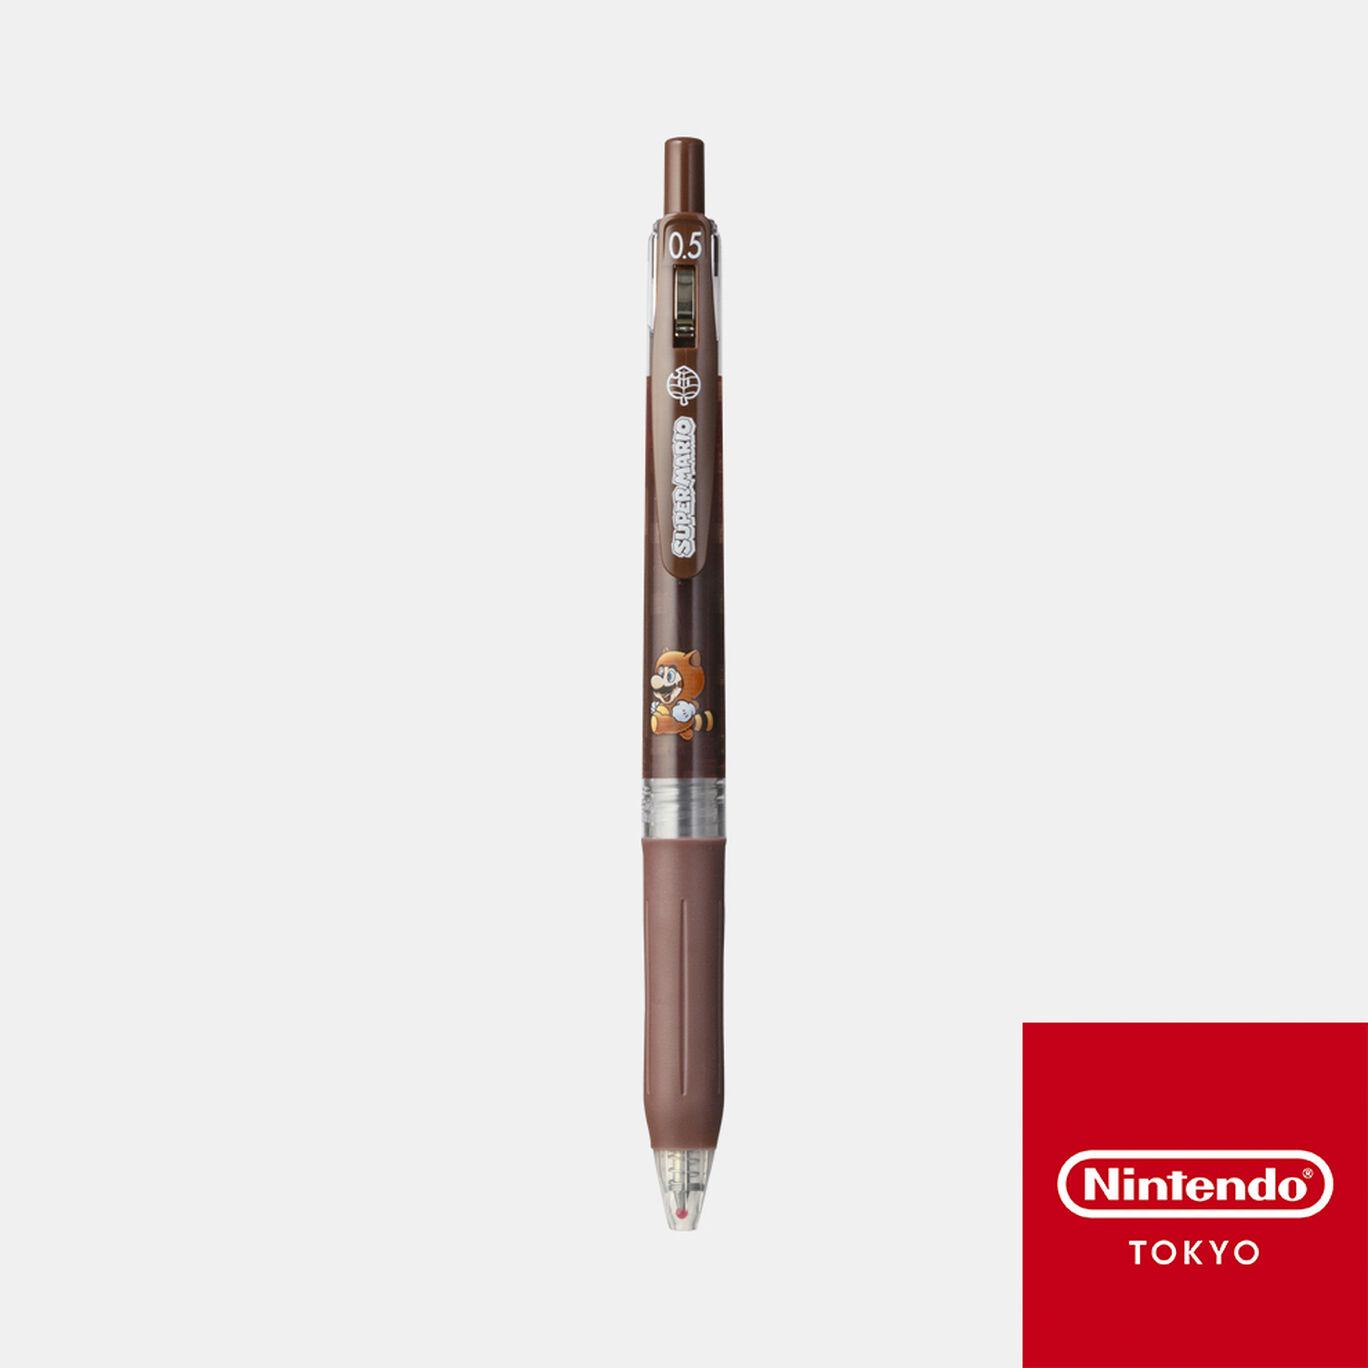 SARASAクリップ スーパーマリオ パワーアップ J【Nintendo TOKYO取り扱い商品】